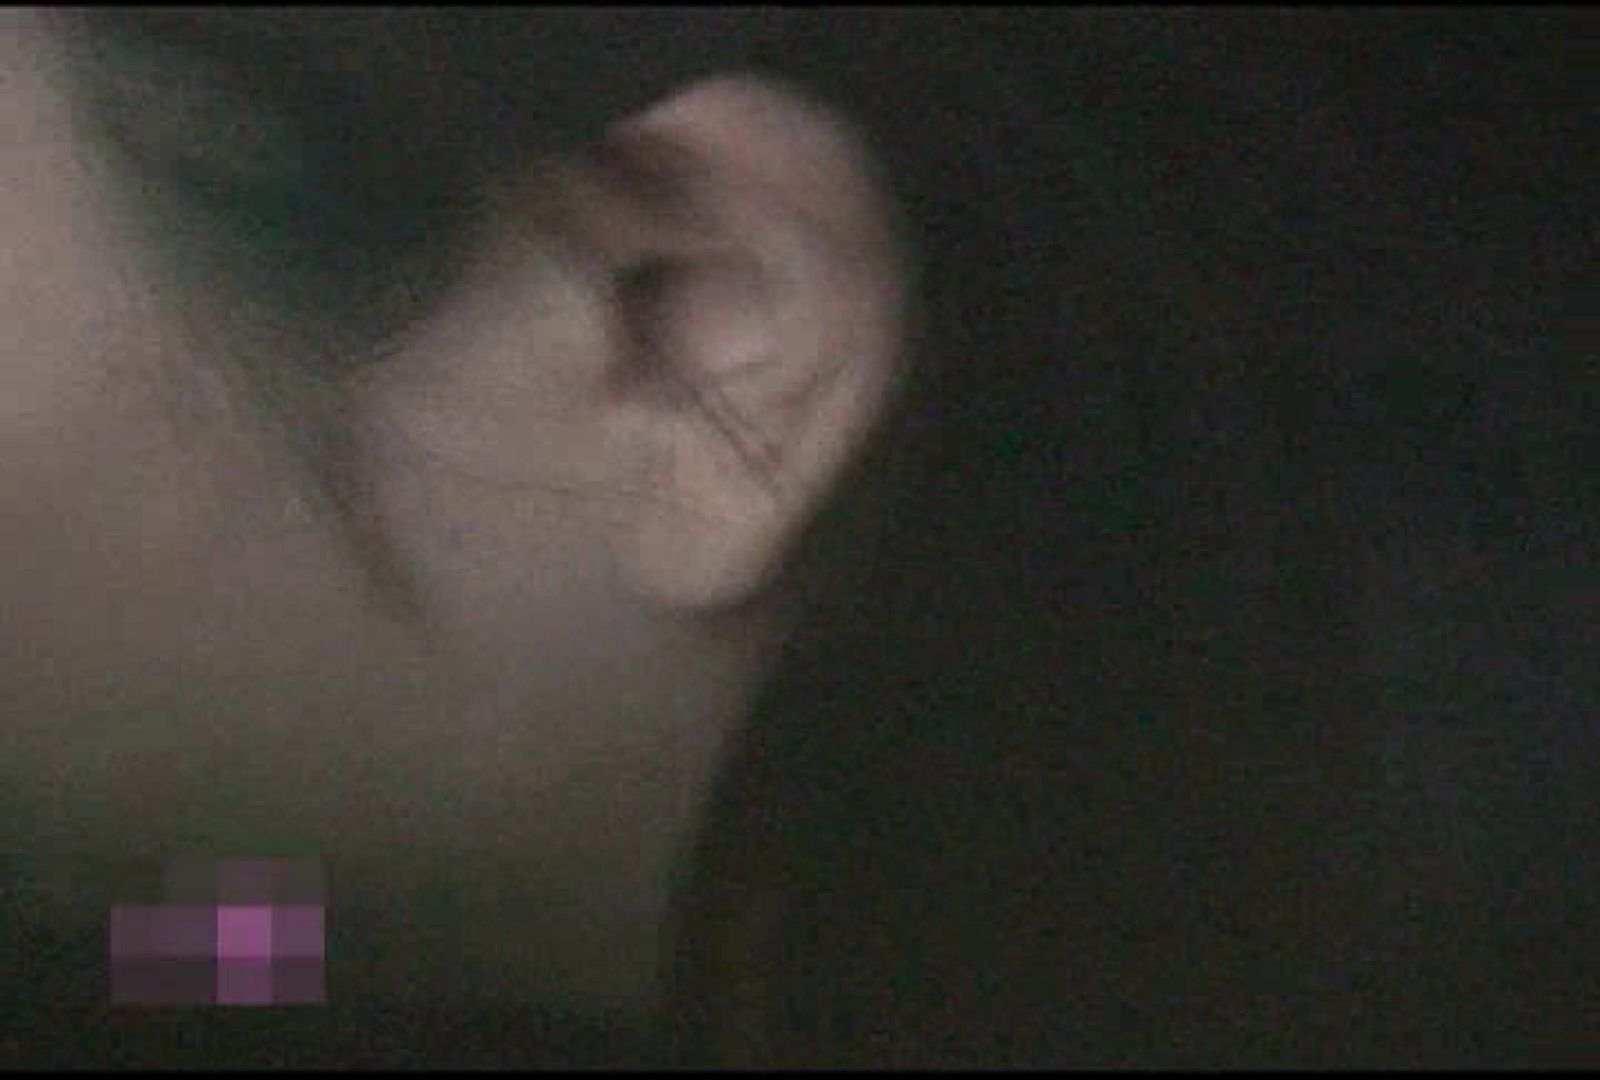 熱視線Vol.1 すけべなお姉さん 性交動画流出 107画像 77